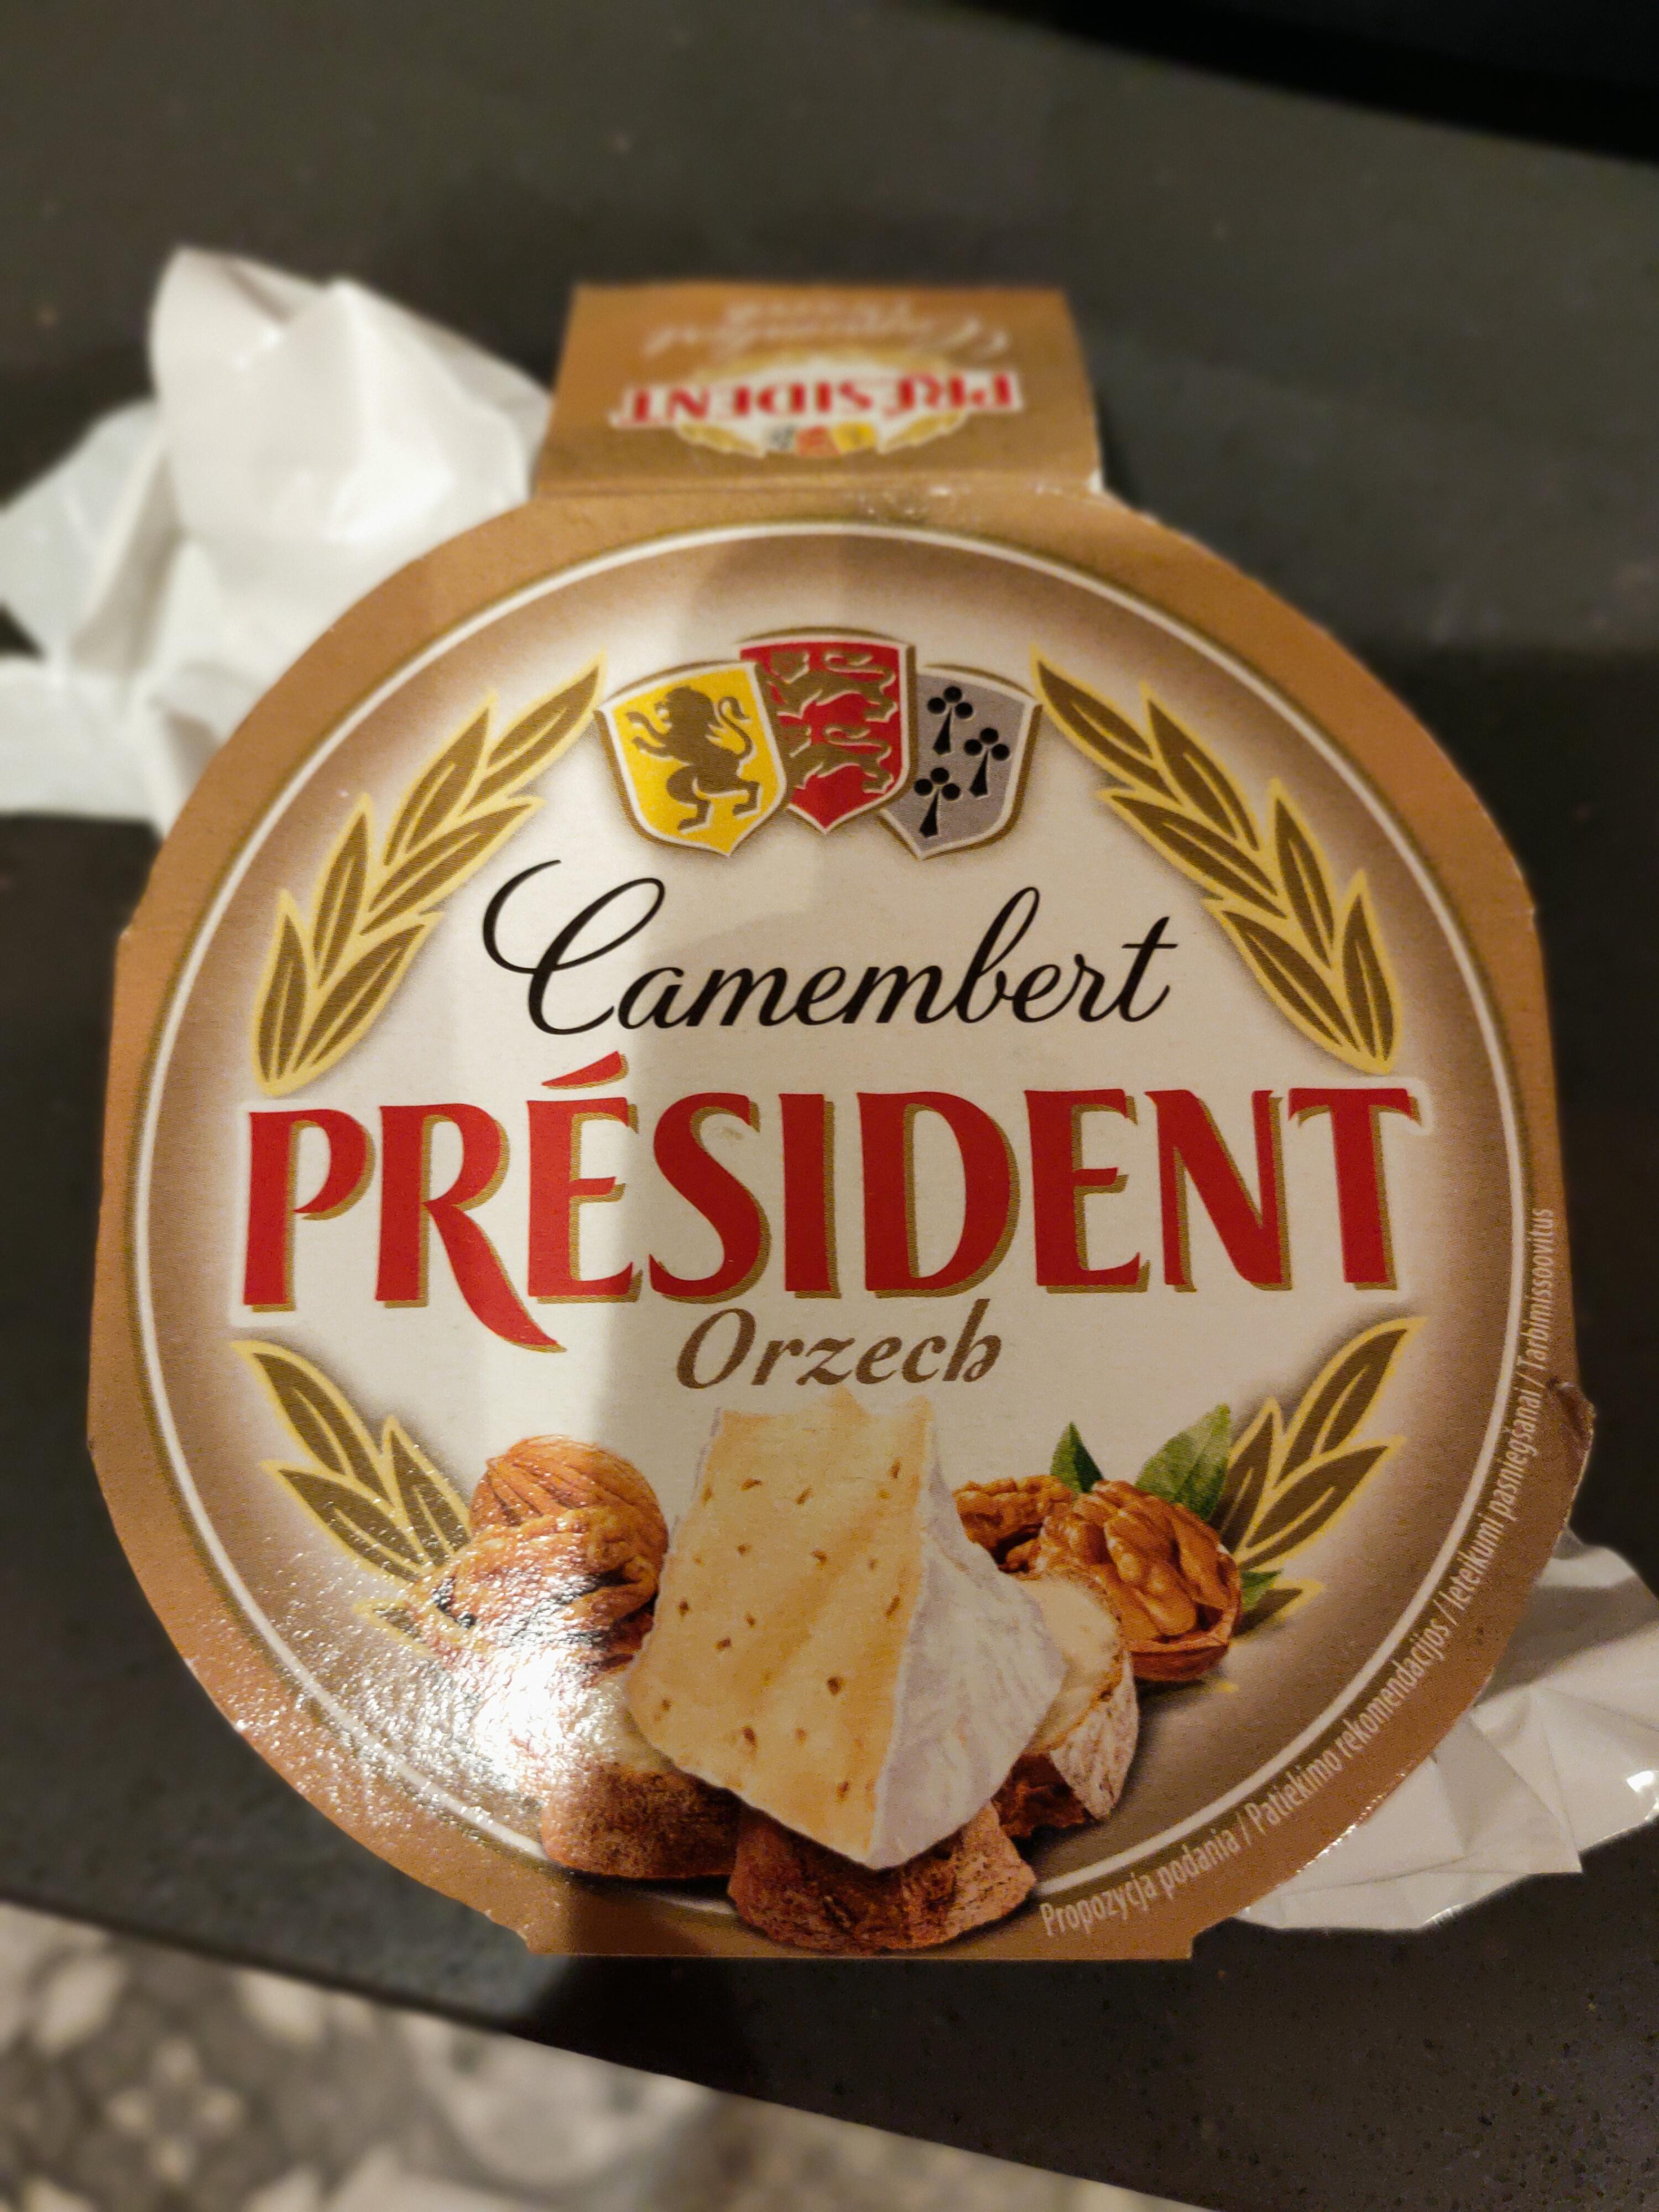 Président Camembert Orzech